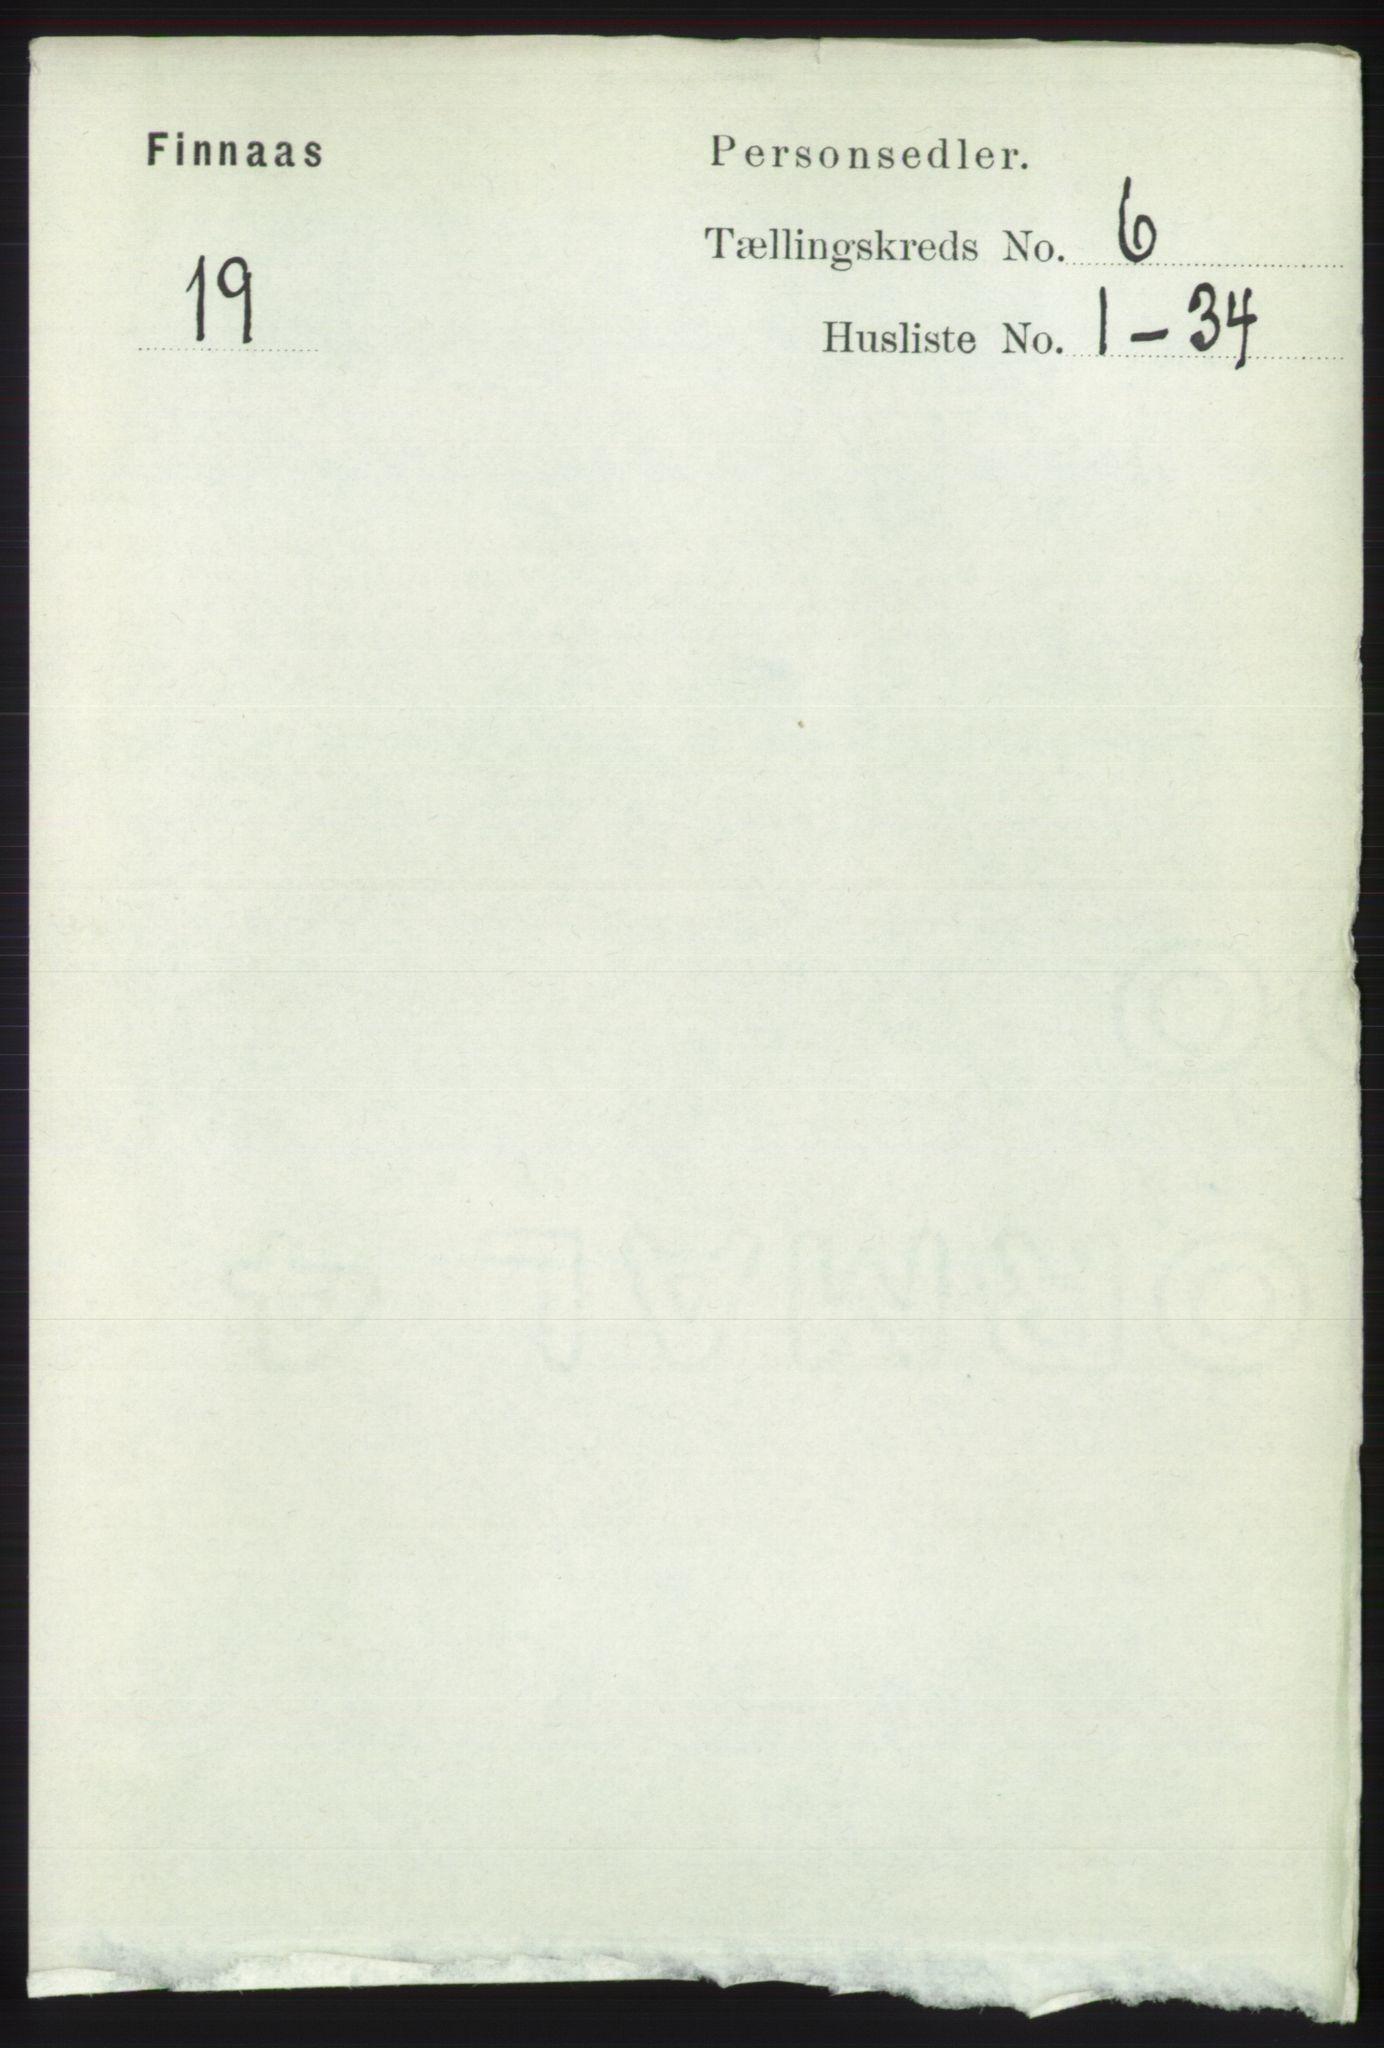 RA, Folketelling 1891 for 1218 Finnås herred, 1891, s. 2348